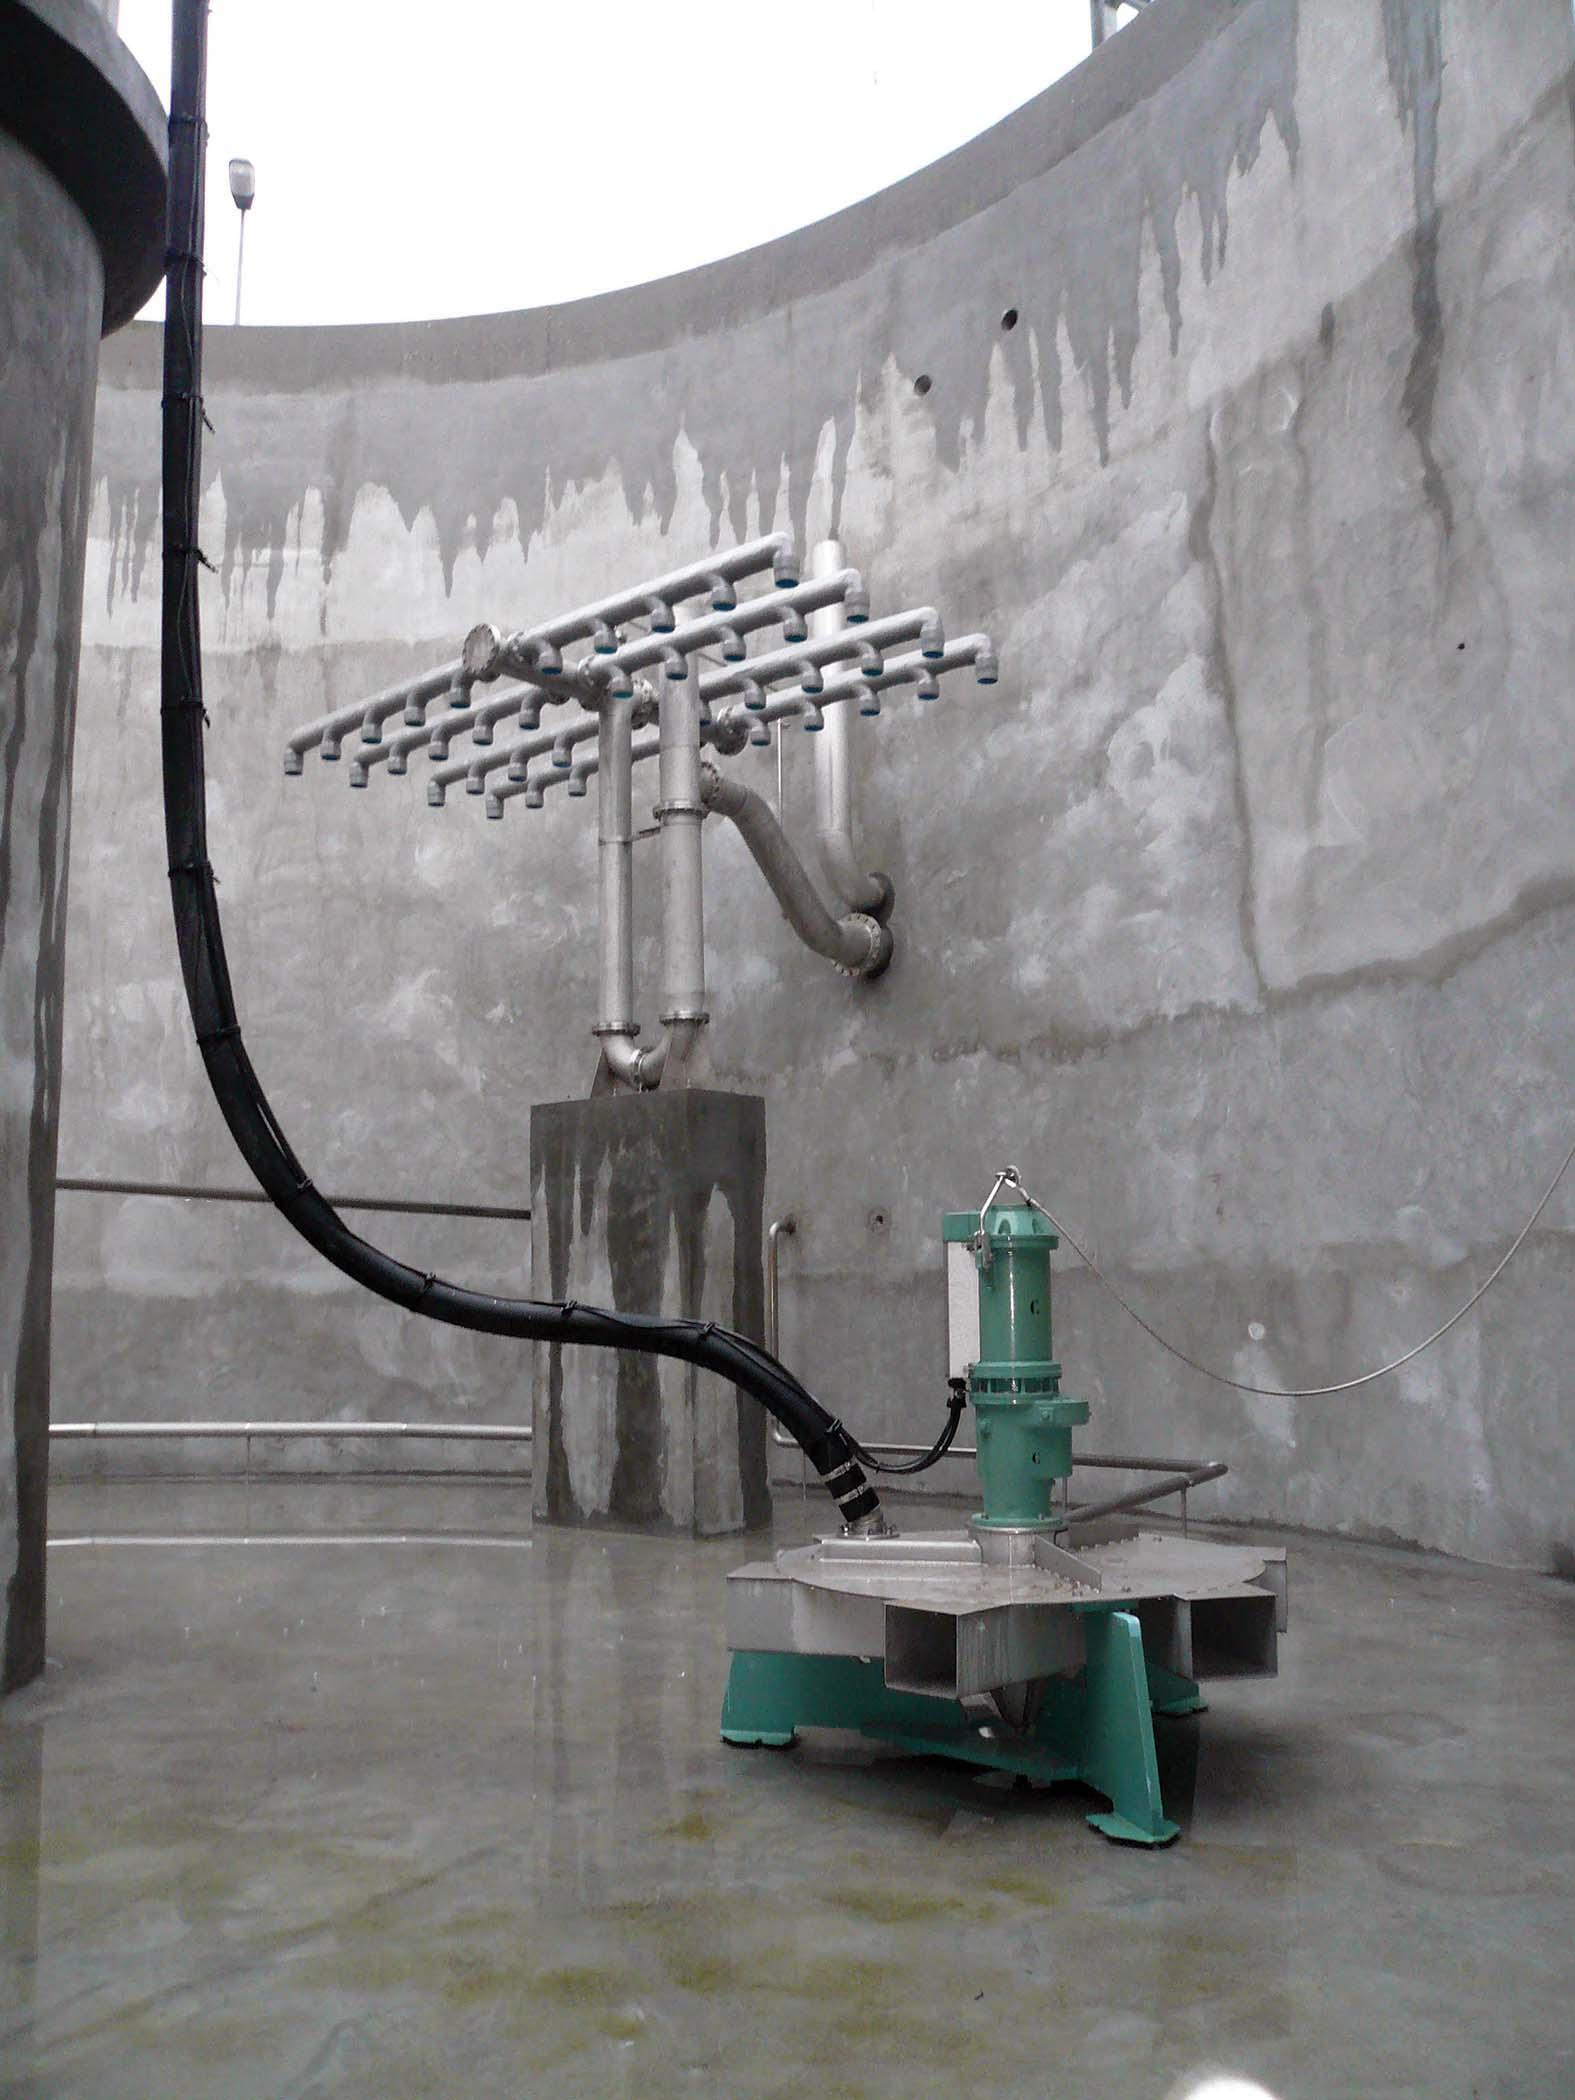 traitement des eaux us es maroc cohin environnement met en avant son expertise. Black Bedroom Furniture Sets. Home Design Ideas